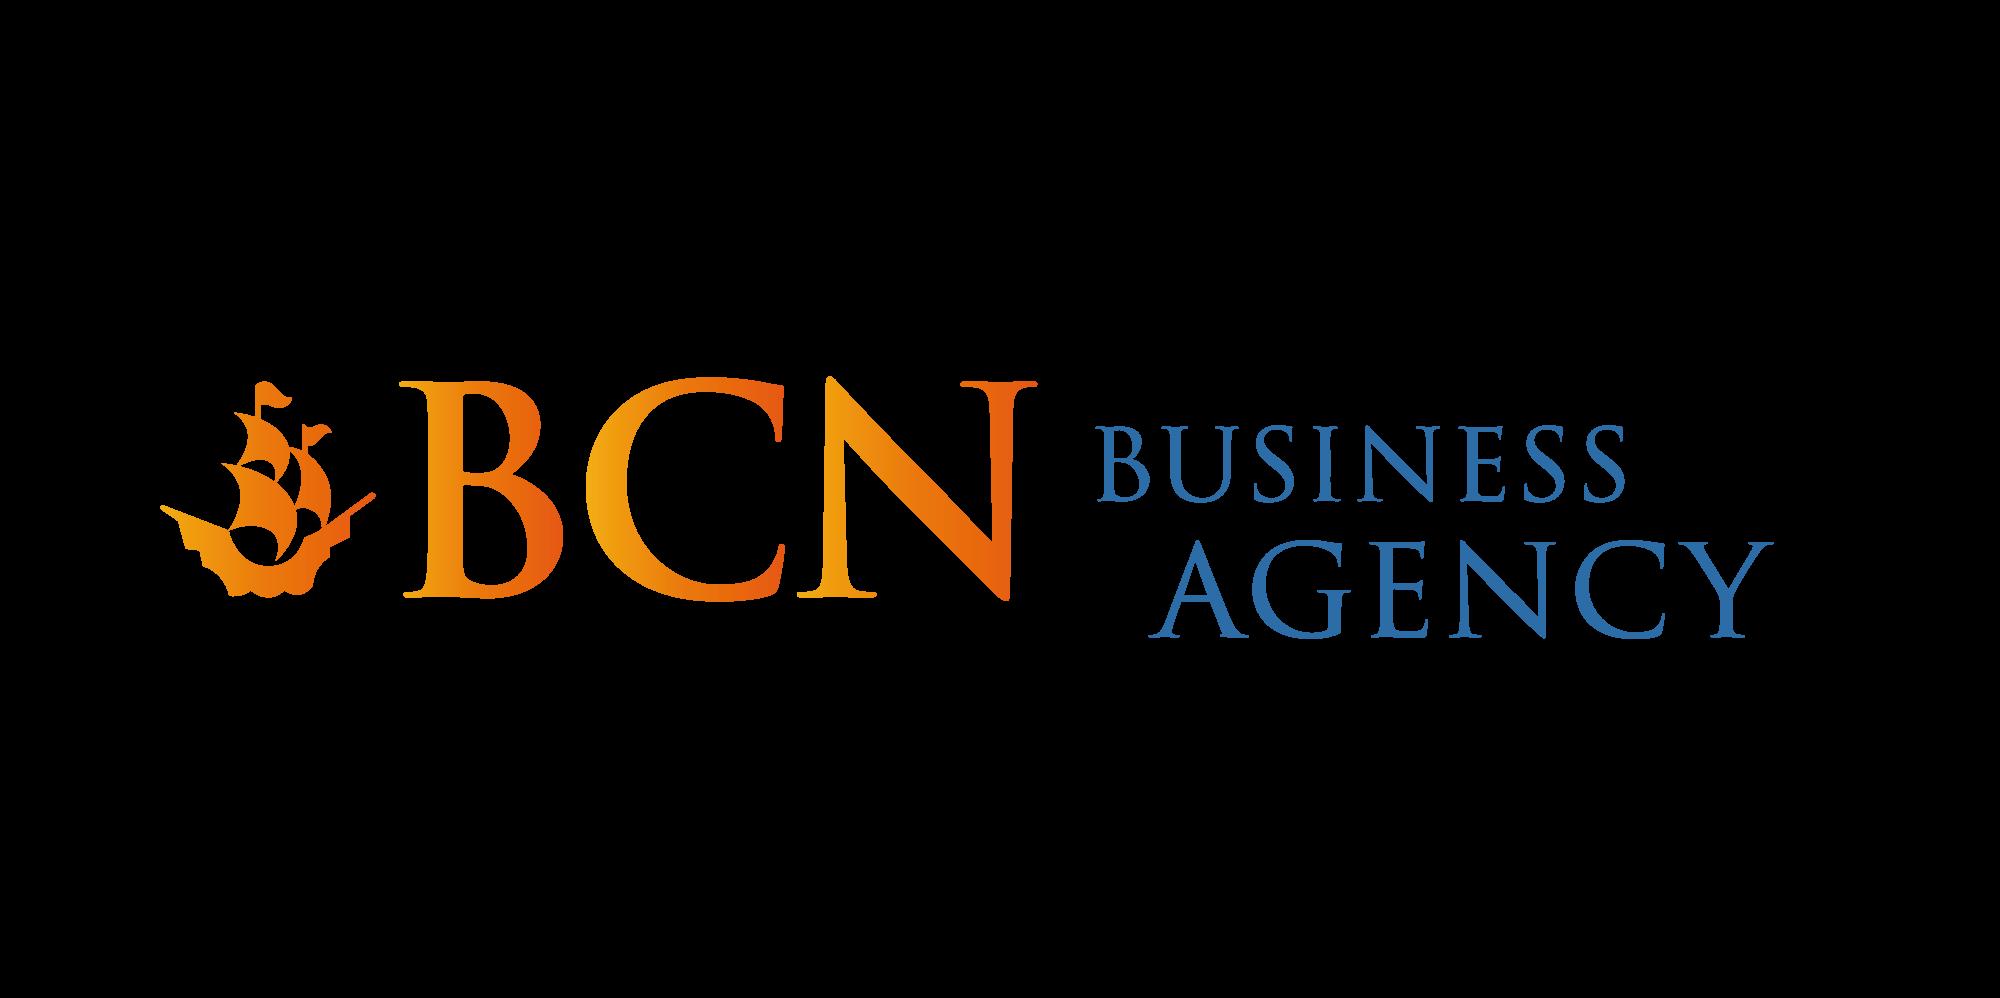 www.bcnbusinessagency.com